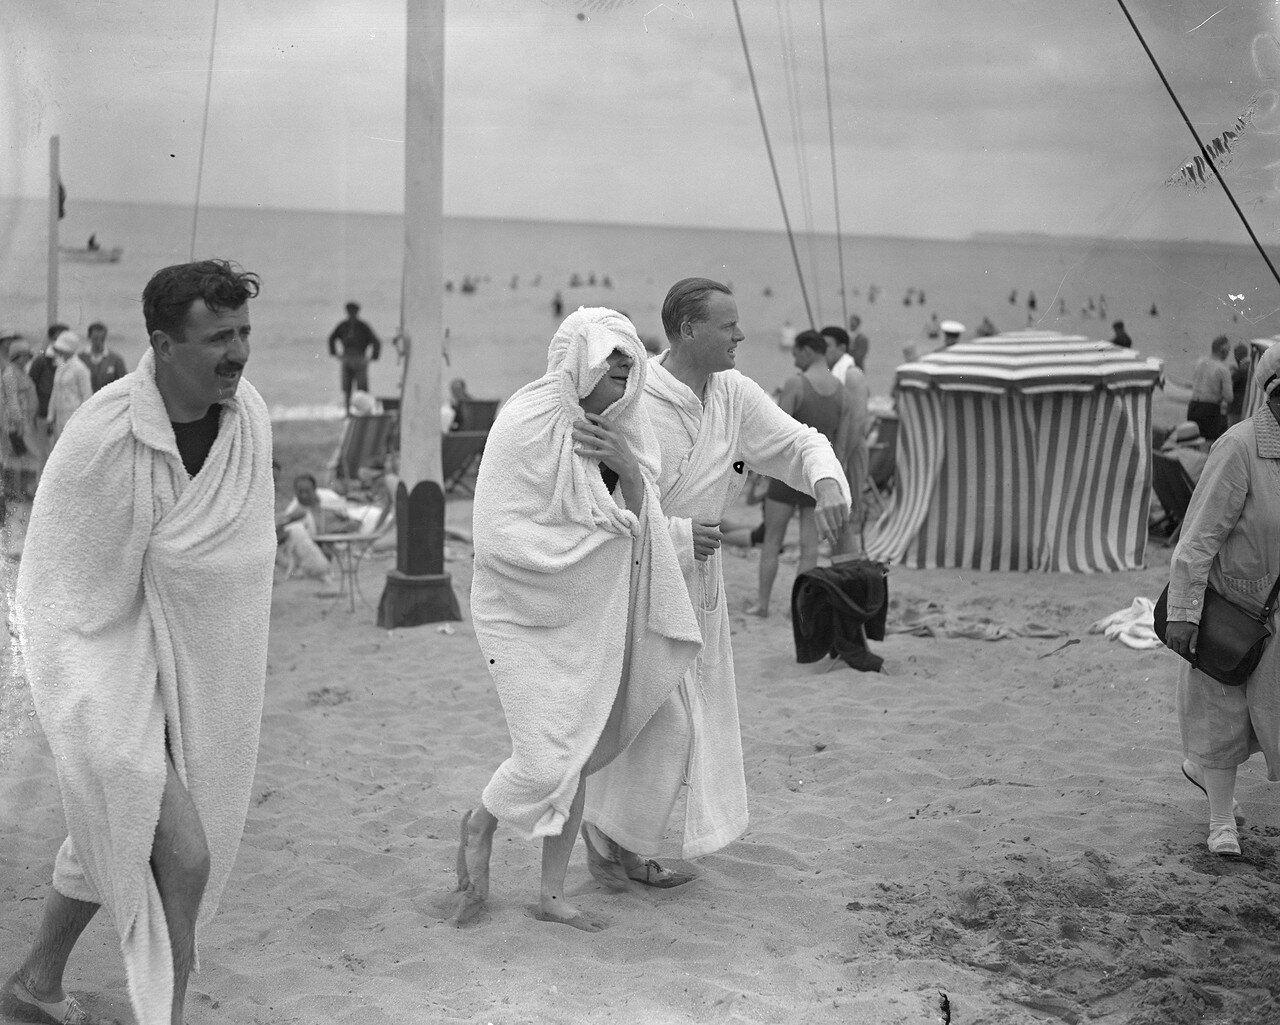 1927. Канцлер Казначейства Уинстон Черчилль, закутанный в полотенце после купания в море с герцогом Сазерлендским. Довиль, Франция